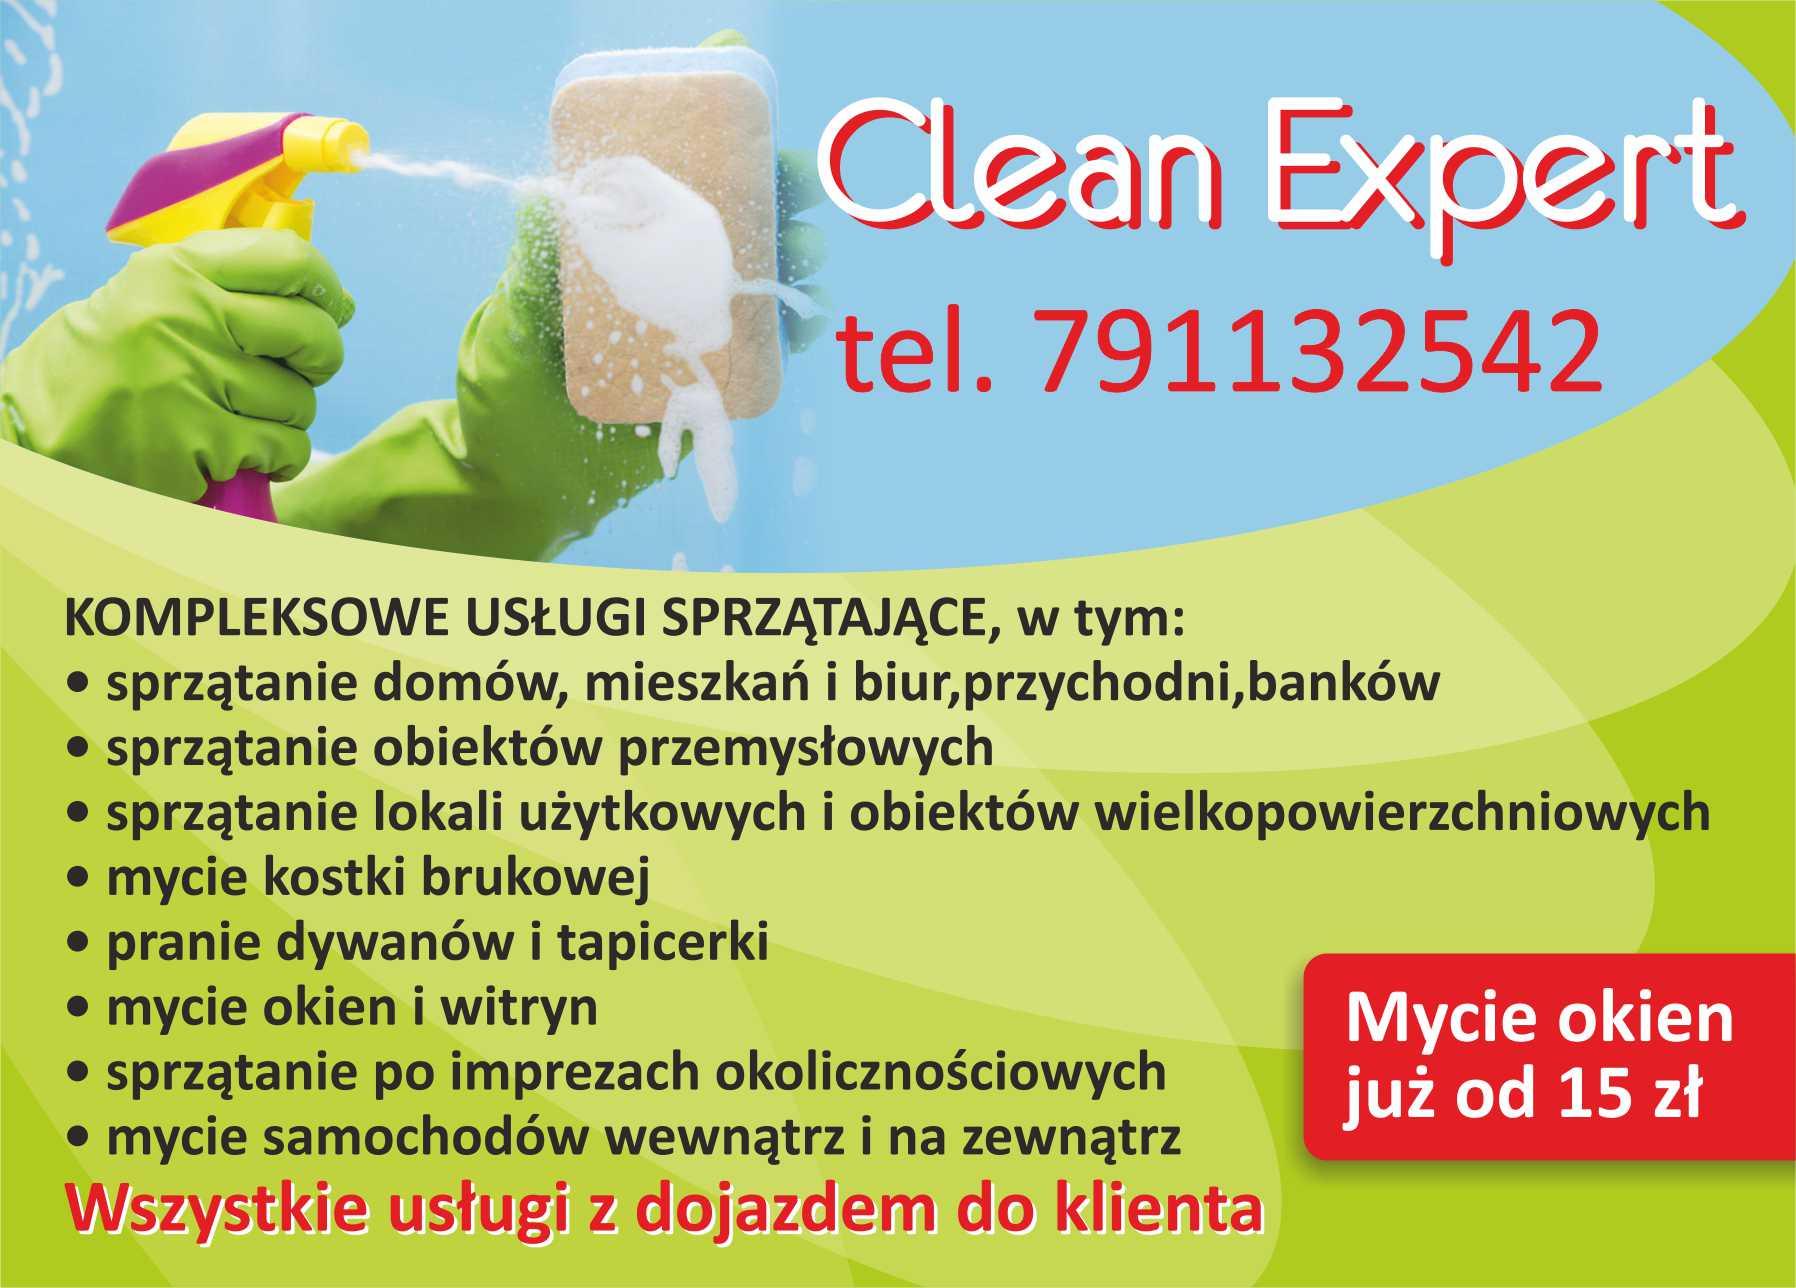 ulotki: cleanexpert